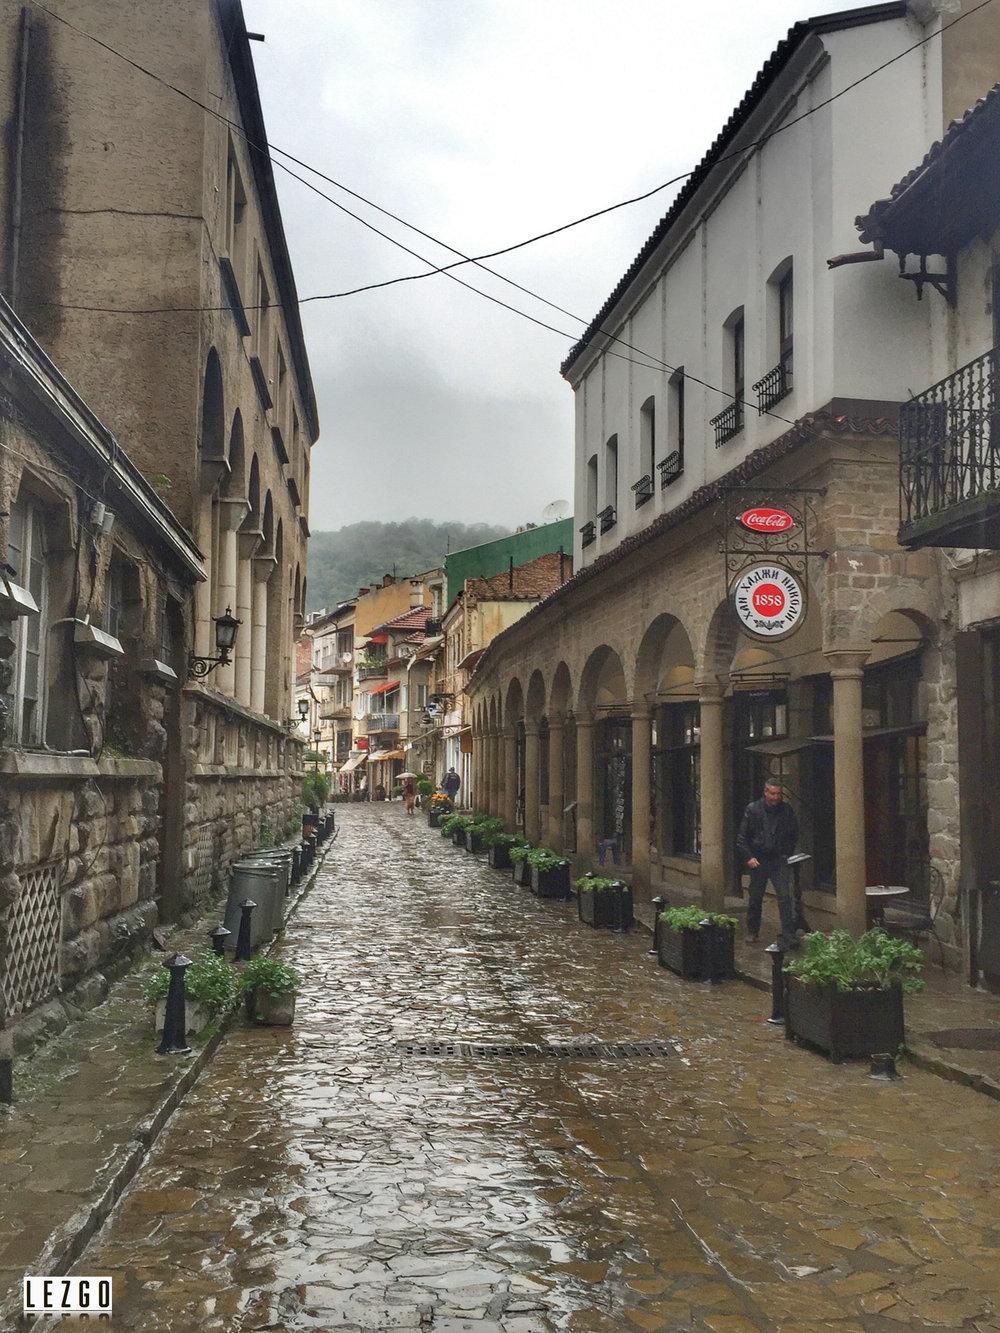 Old Town Veliko Tarnovo, Bulgaria September 2015